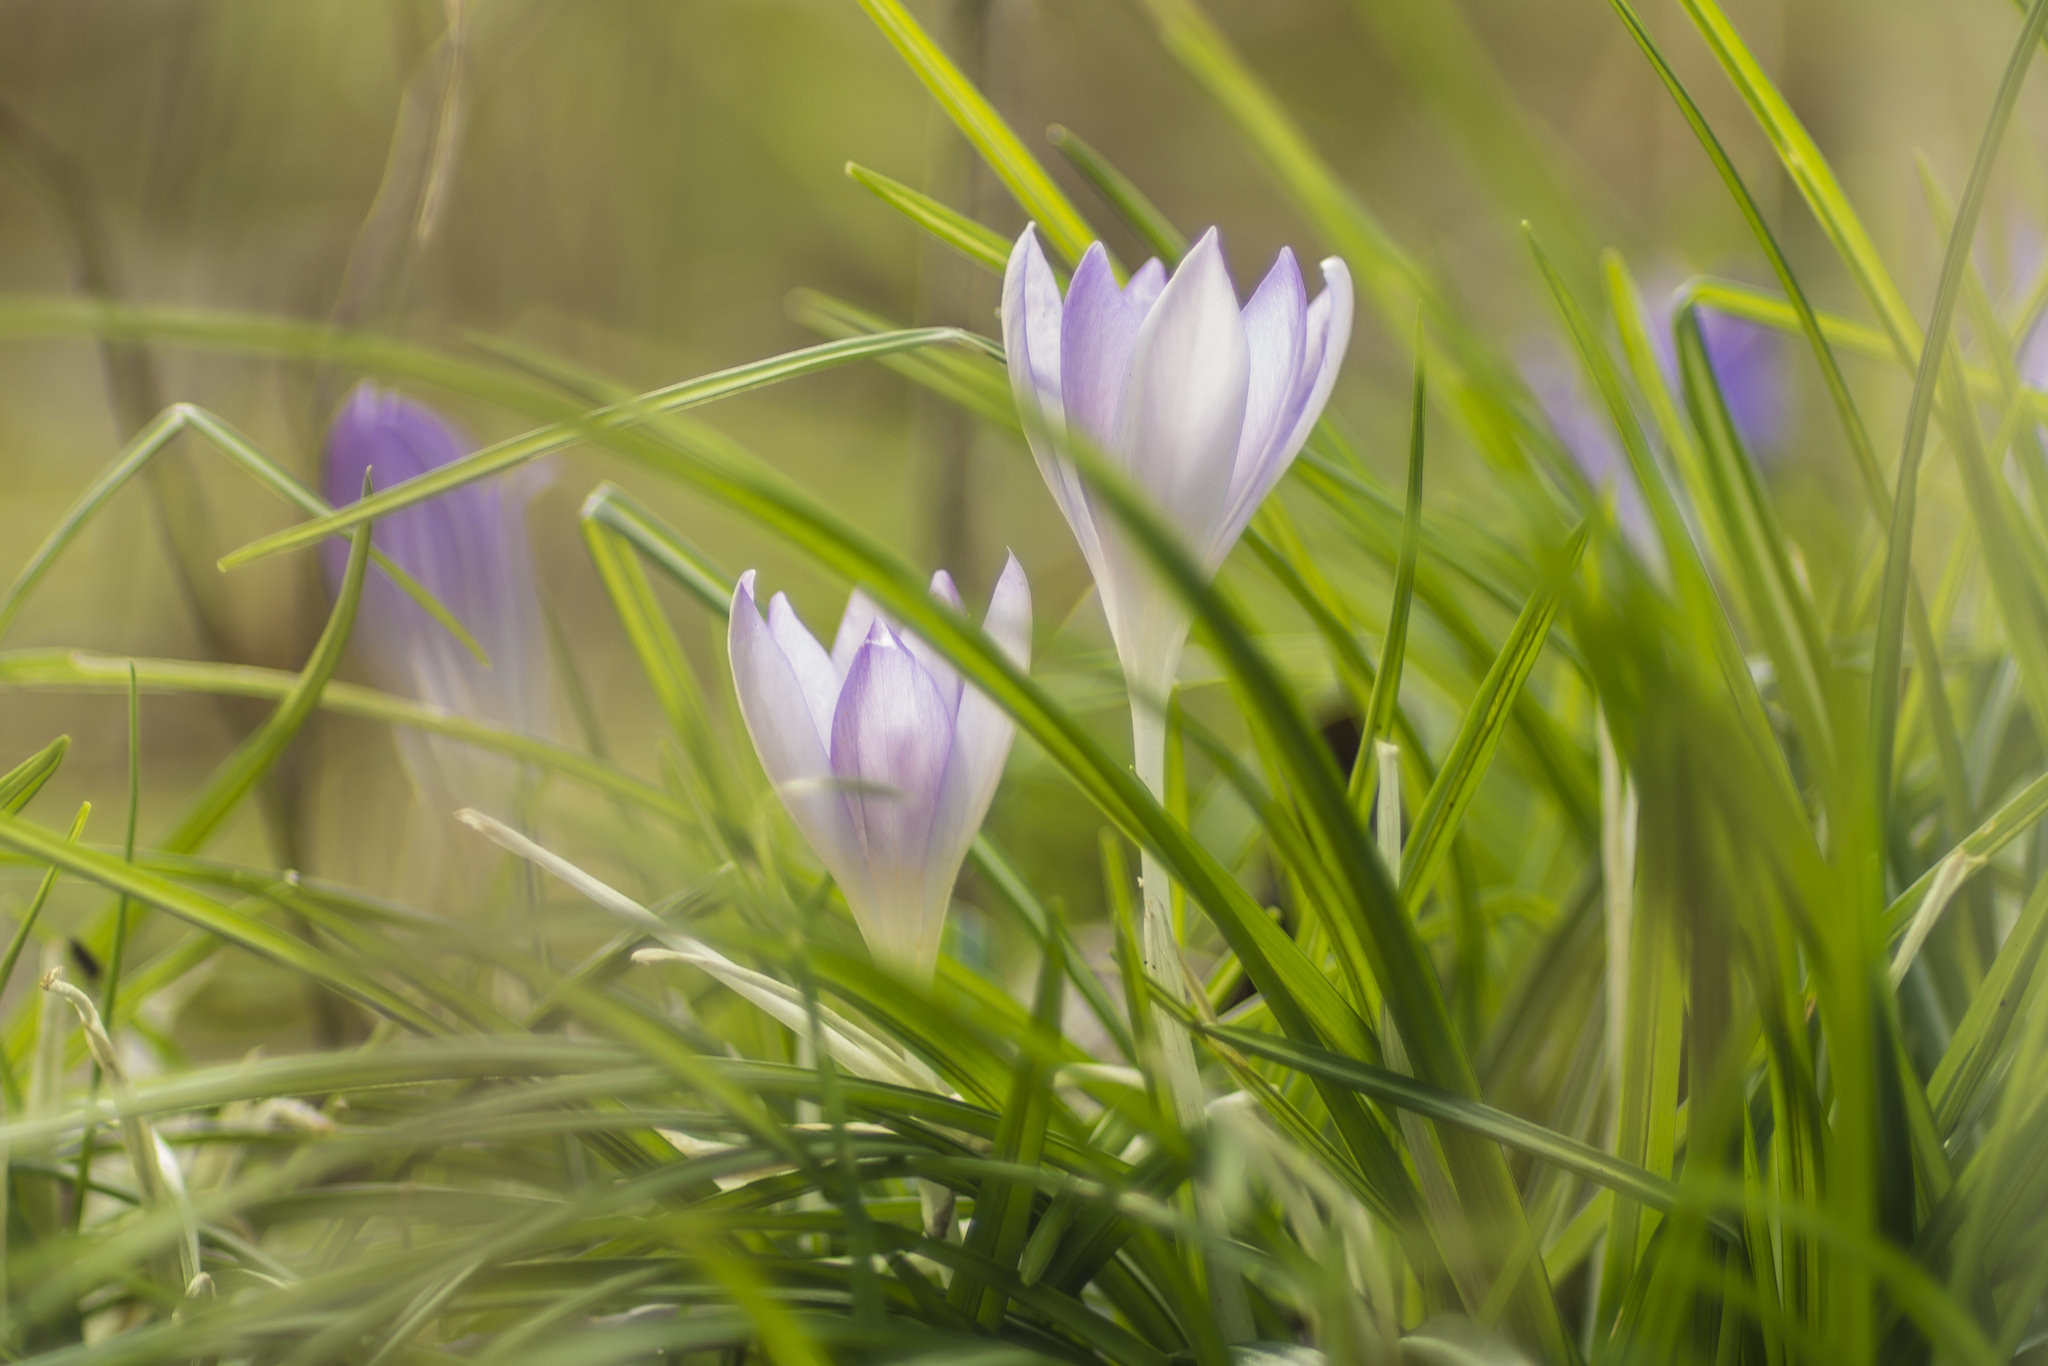 крокусы, цветы, флора